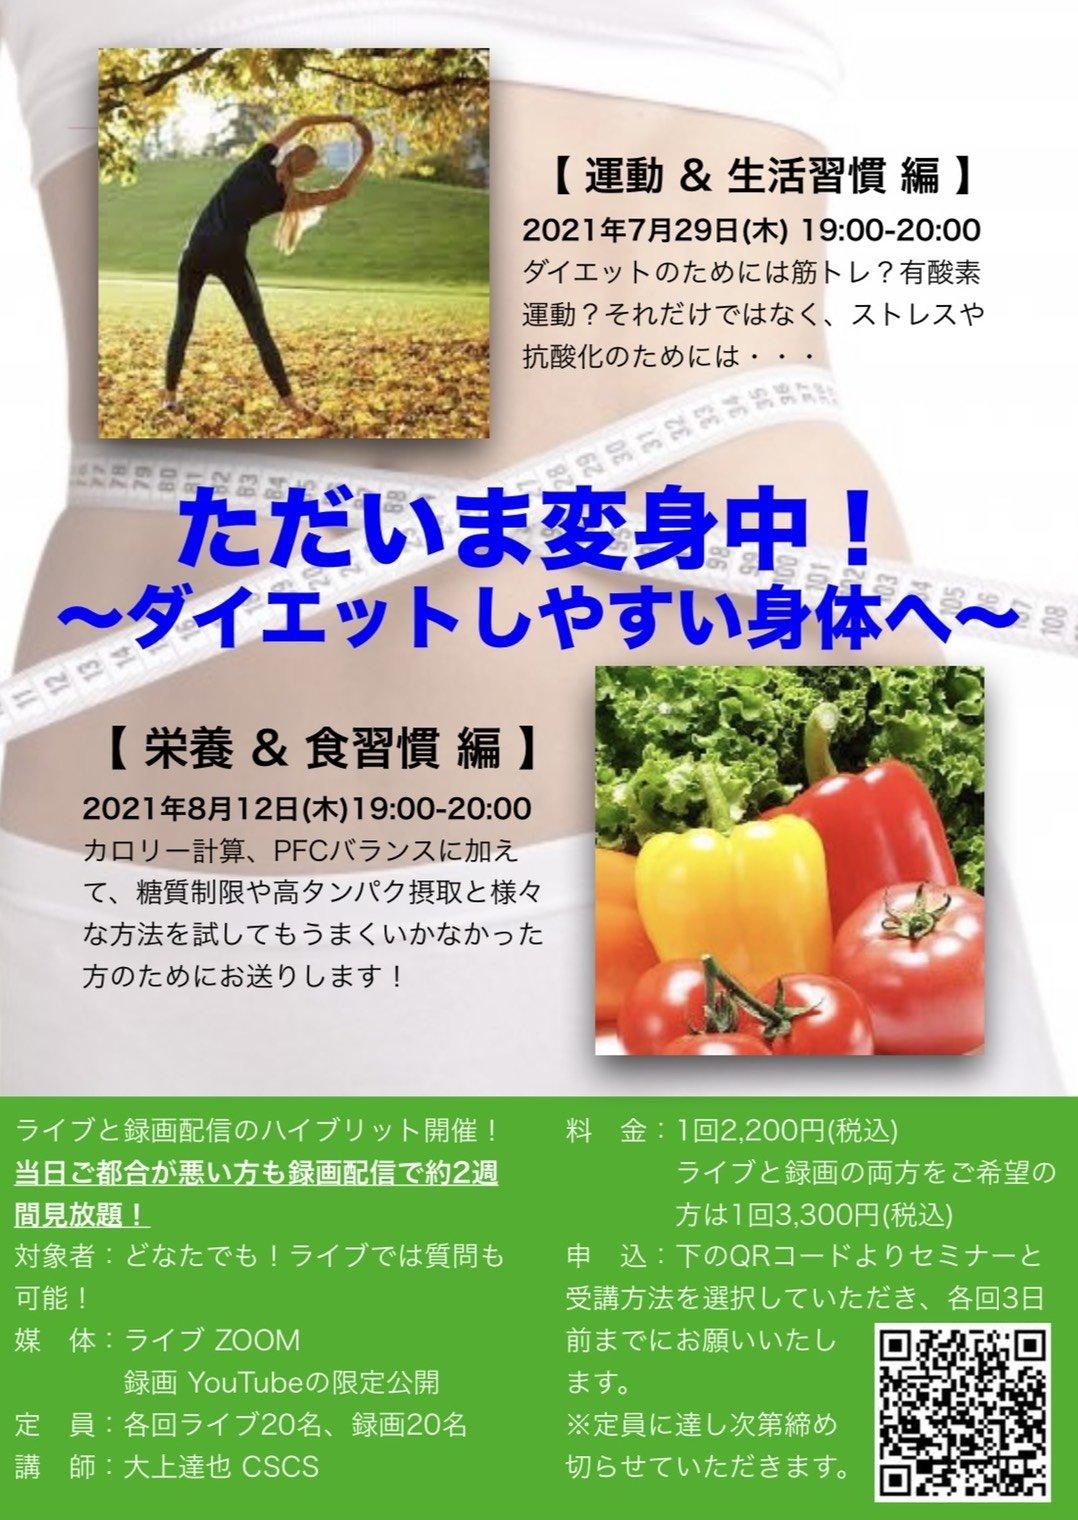 (録画用)  7月29日(木) TWIST ZOOM セミナー【 ダイエットしやすい身体へ 〜ただいま変身中〜 】のイメージその1